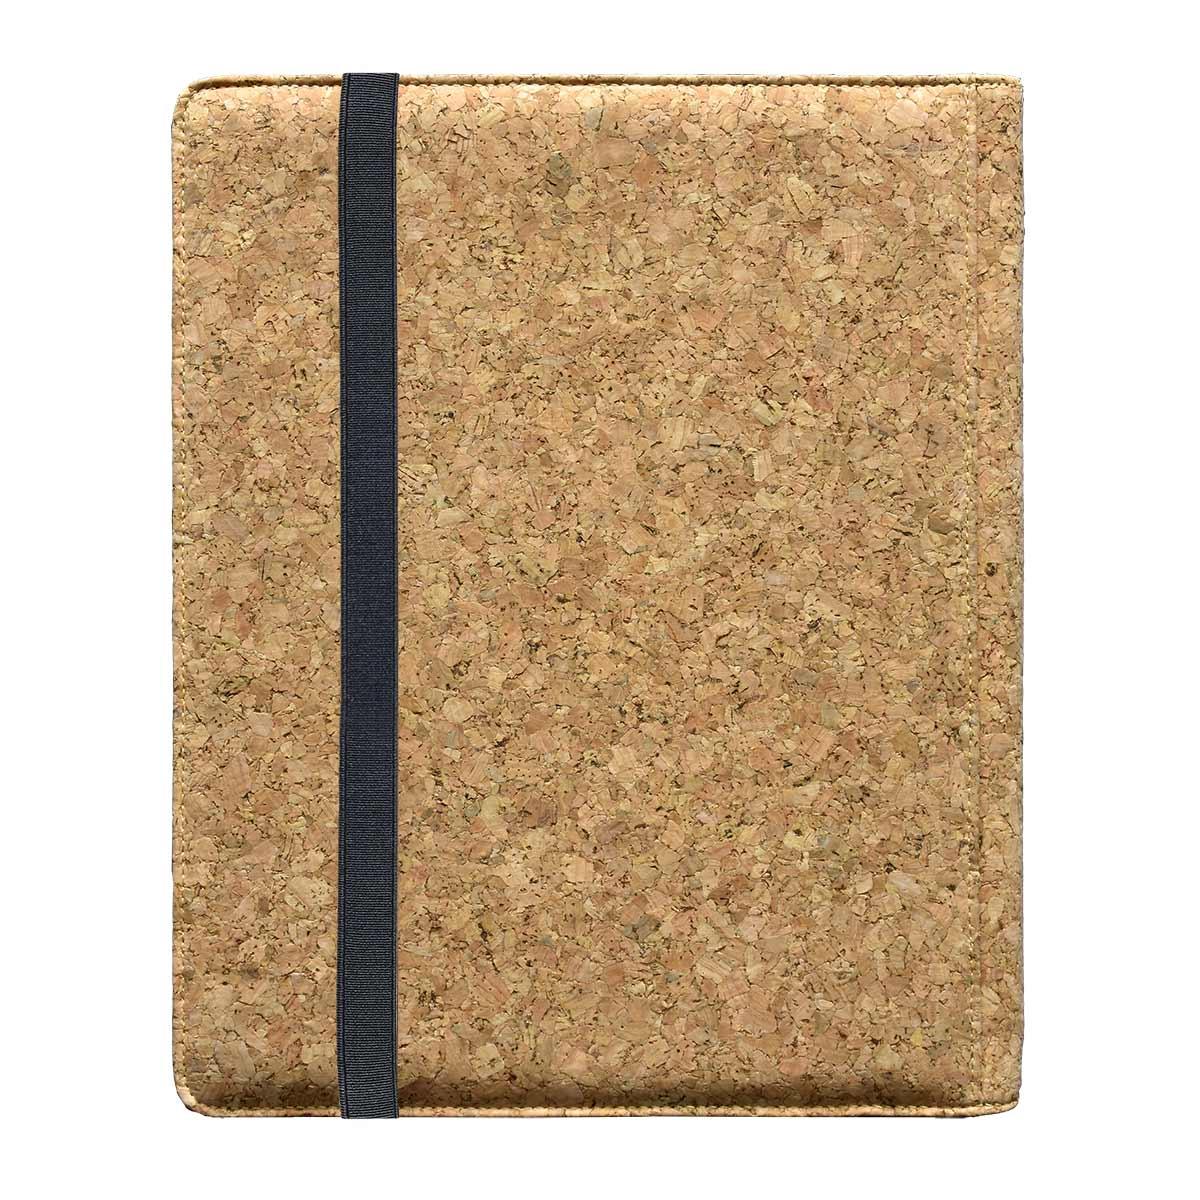 ウルトラプロ (Ultra Pro) プレミアム プロ バインダー コルク #85375 | Premium PRO-Binder Cork